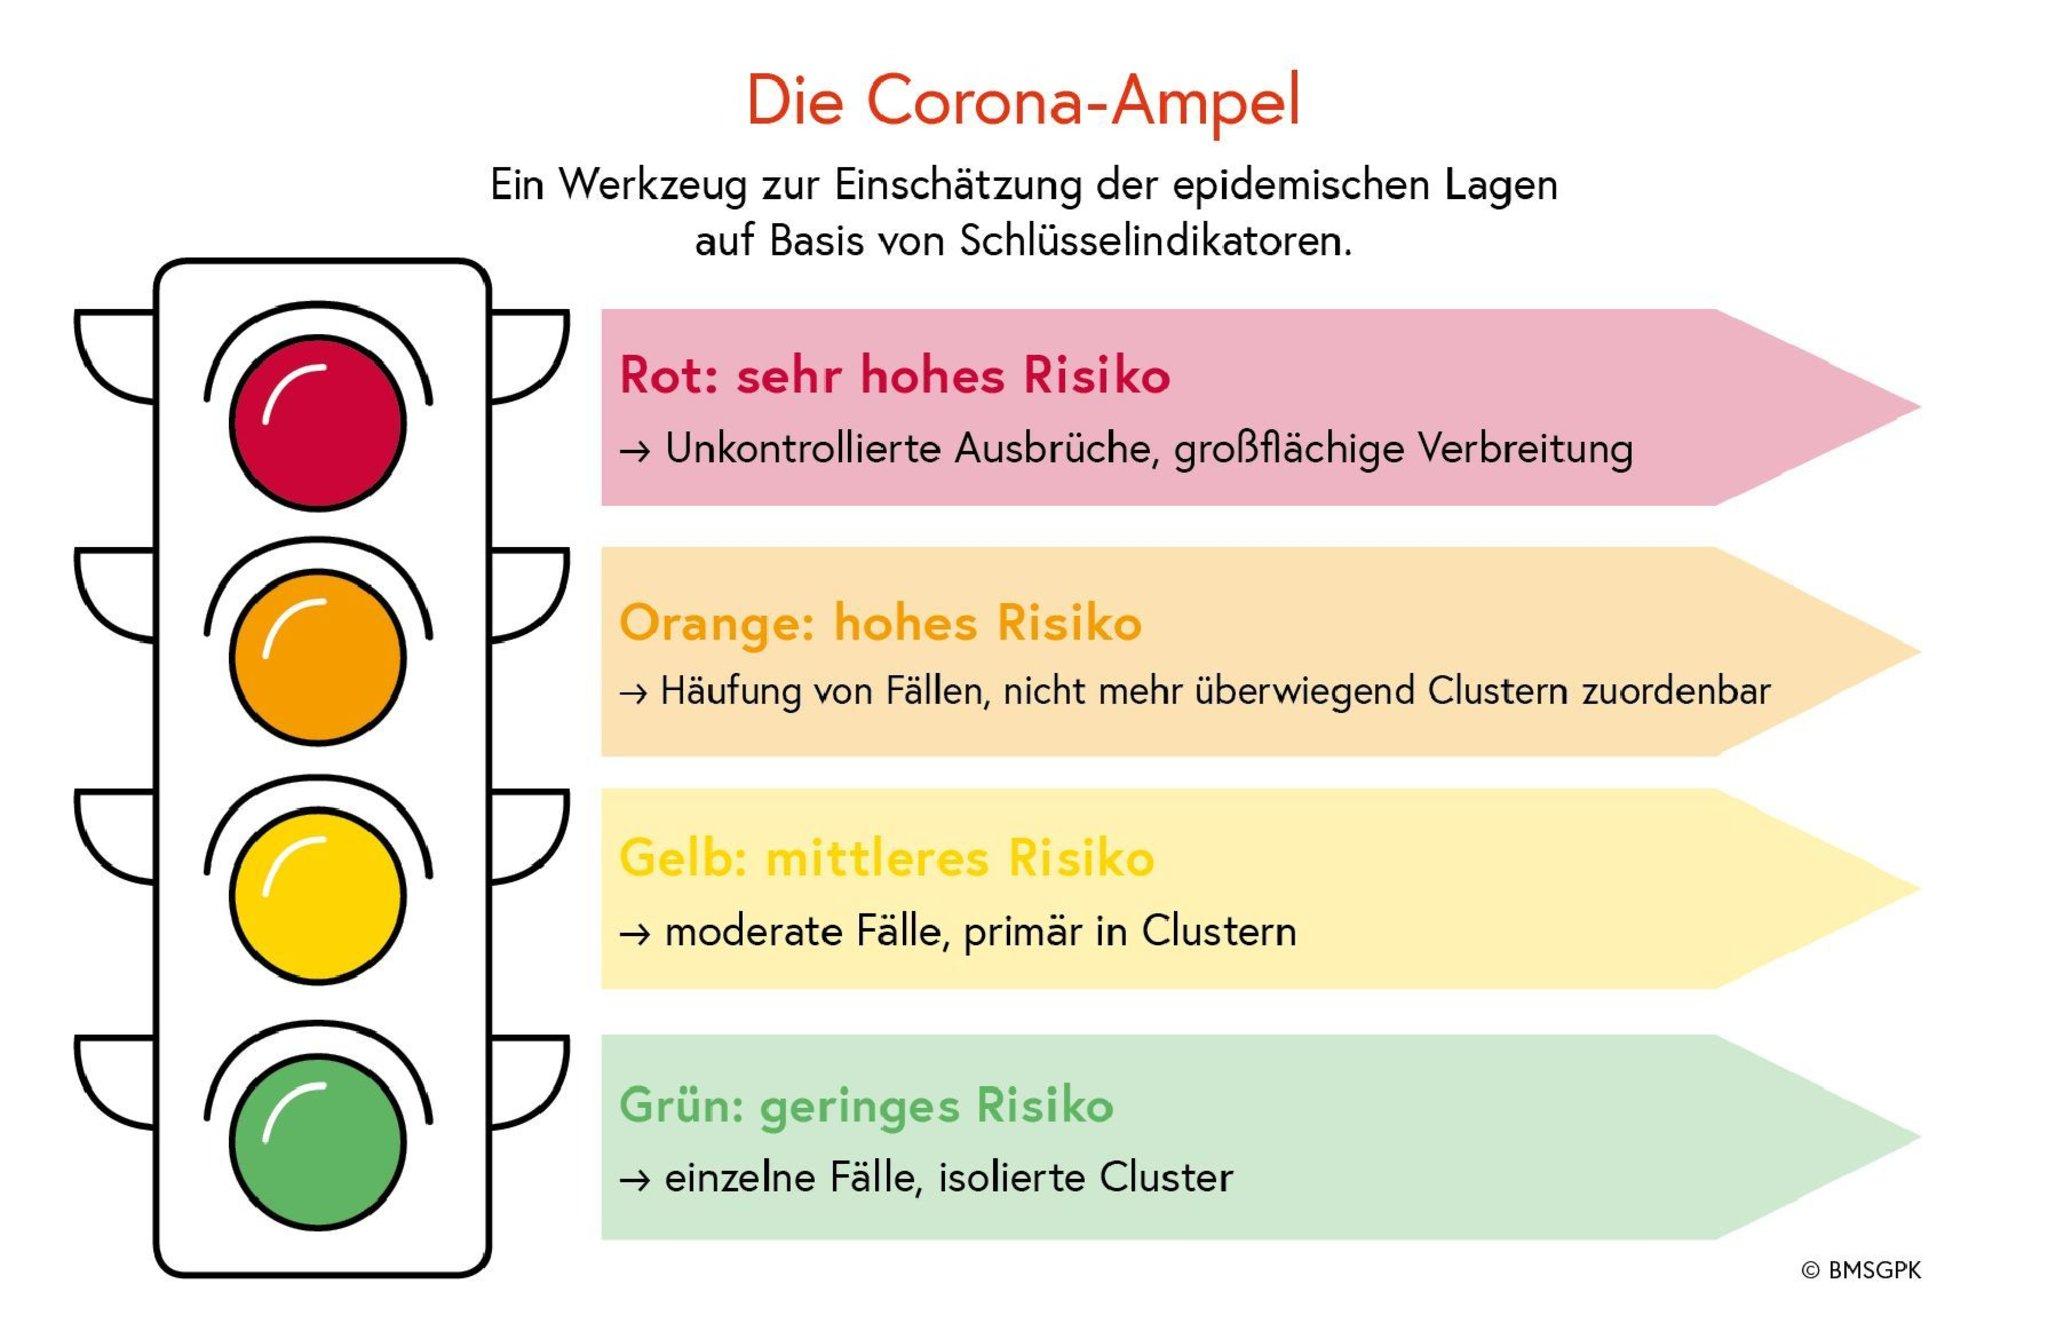 Corona Ampel österreich